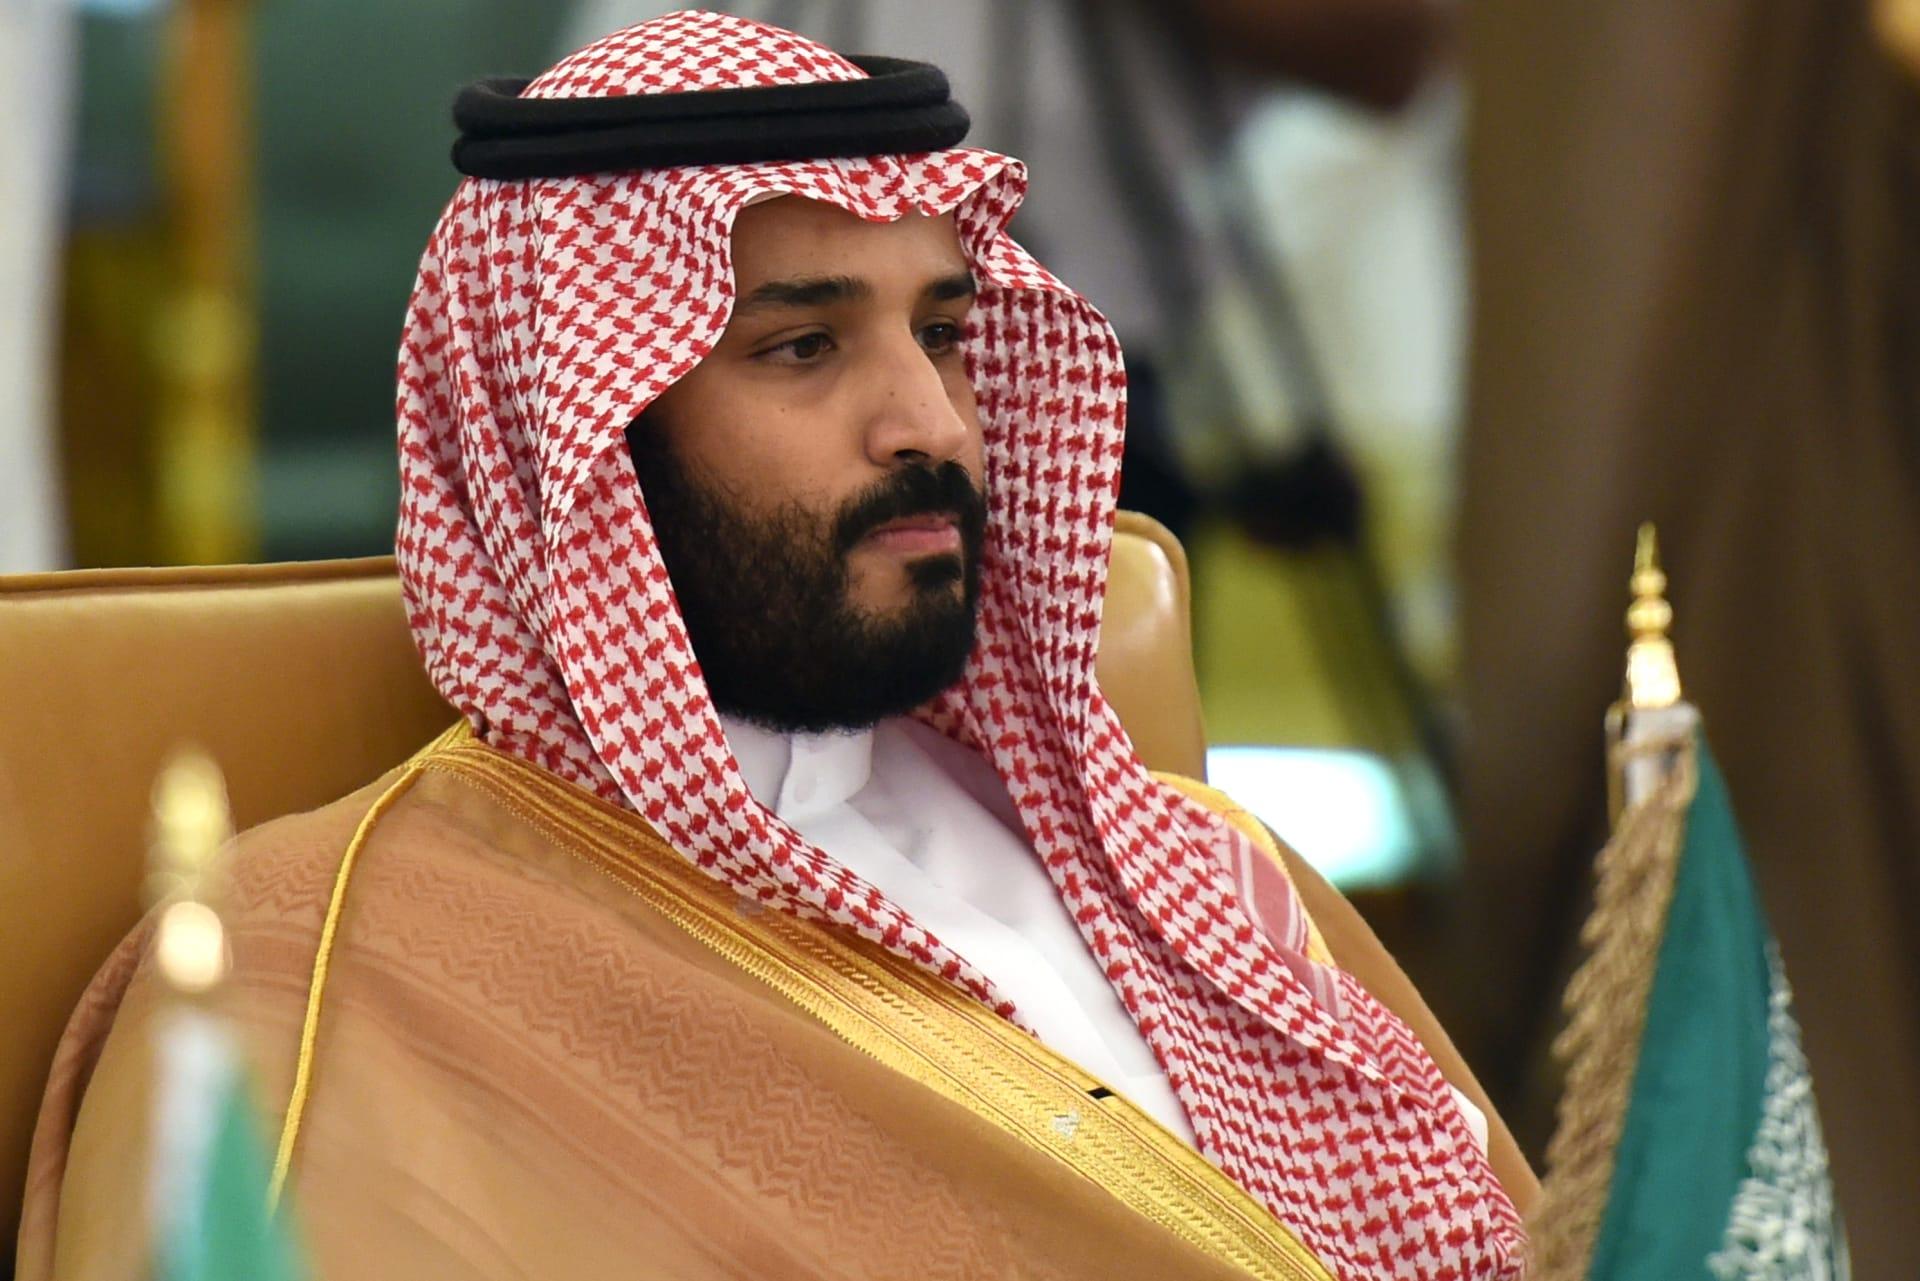 محمد بن سلمان: لن نُلدغ من إيران مرتين.. وسنعمل لتكون المعركة عندهم وليس في السعودية